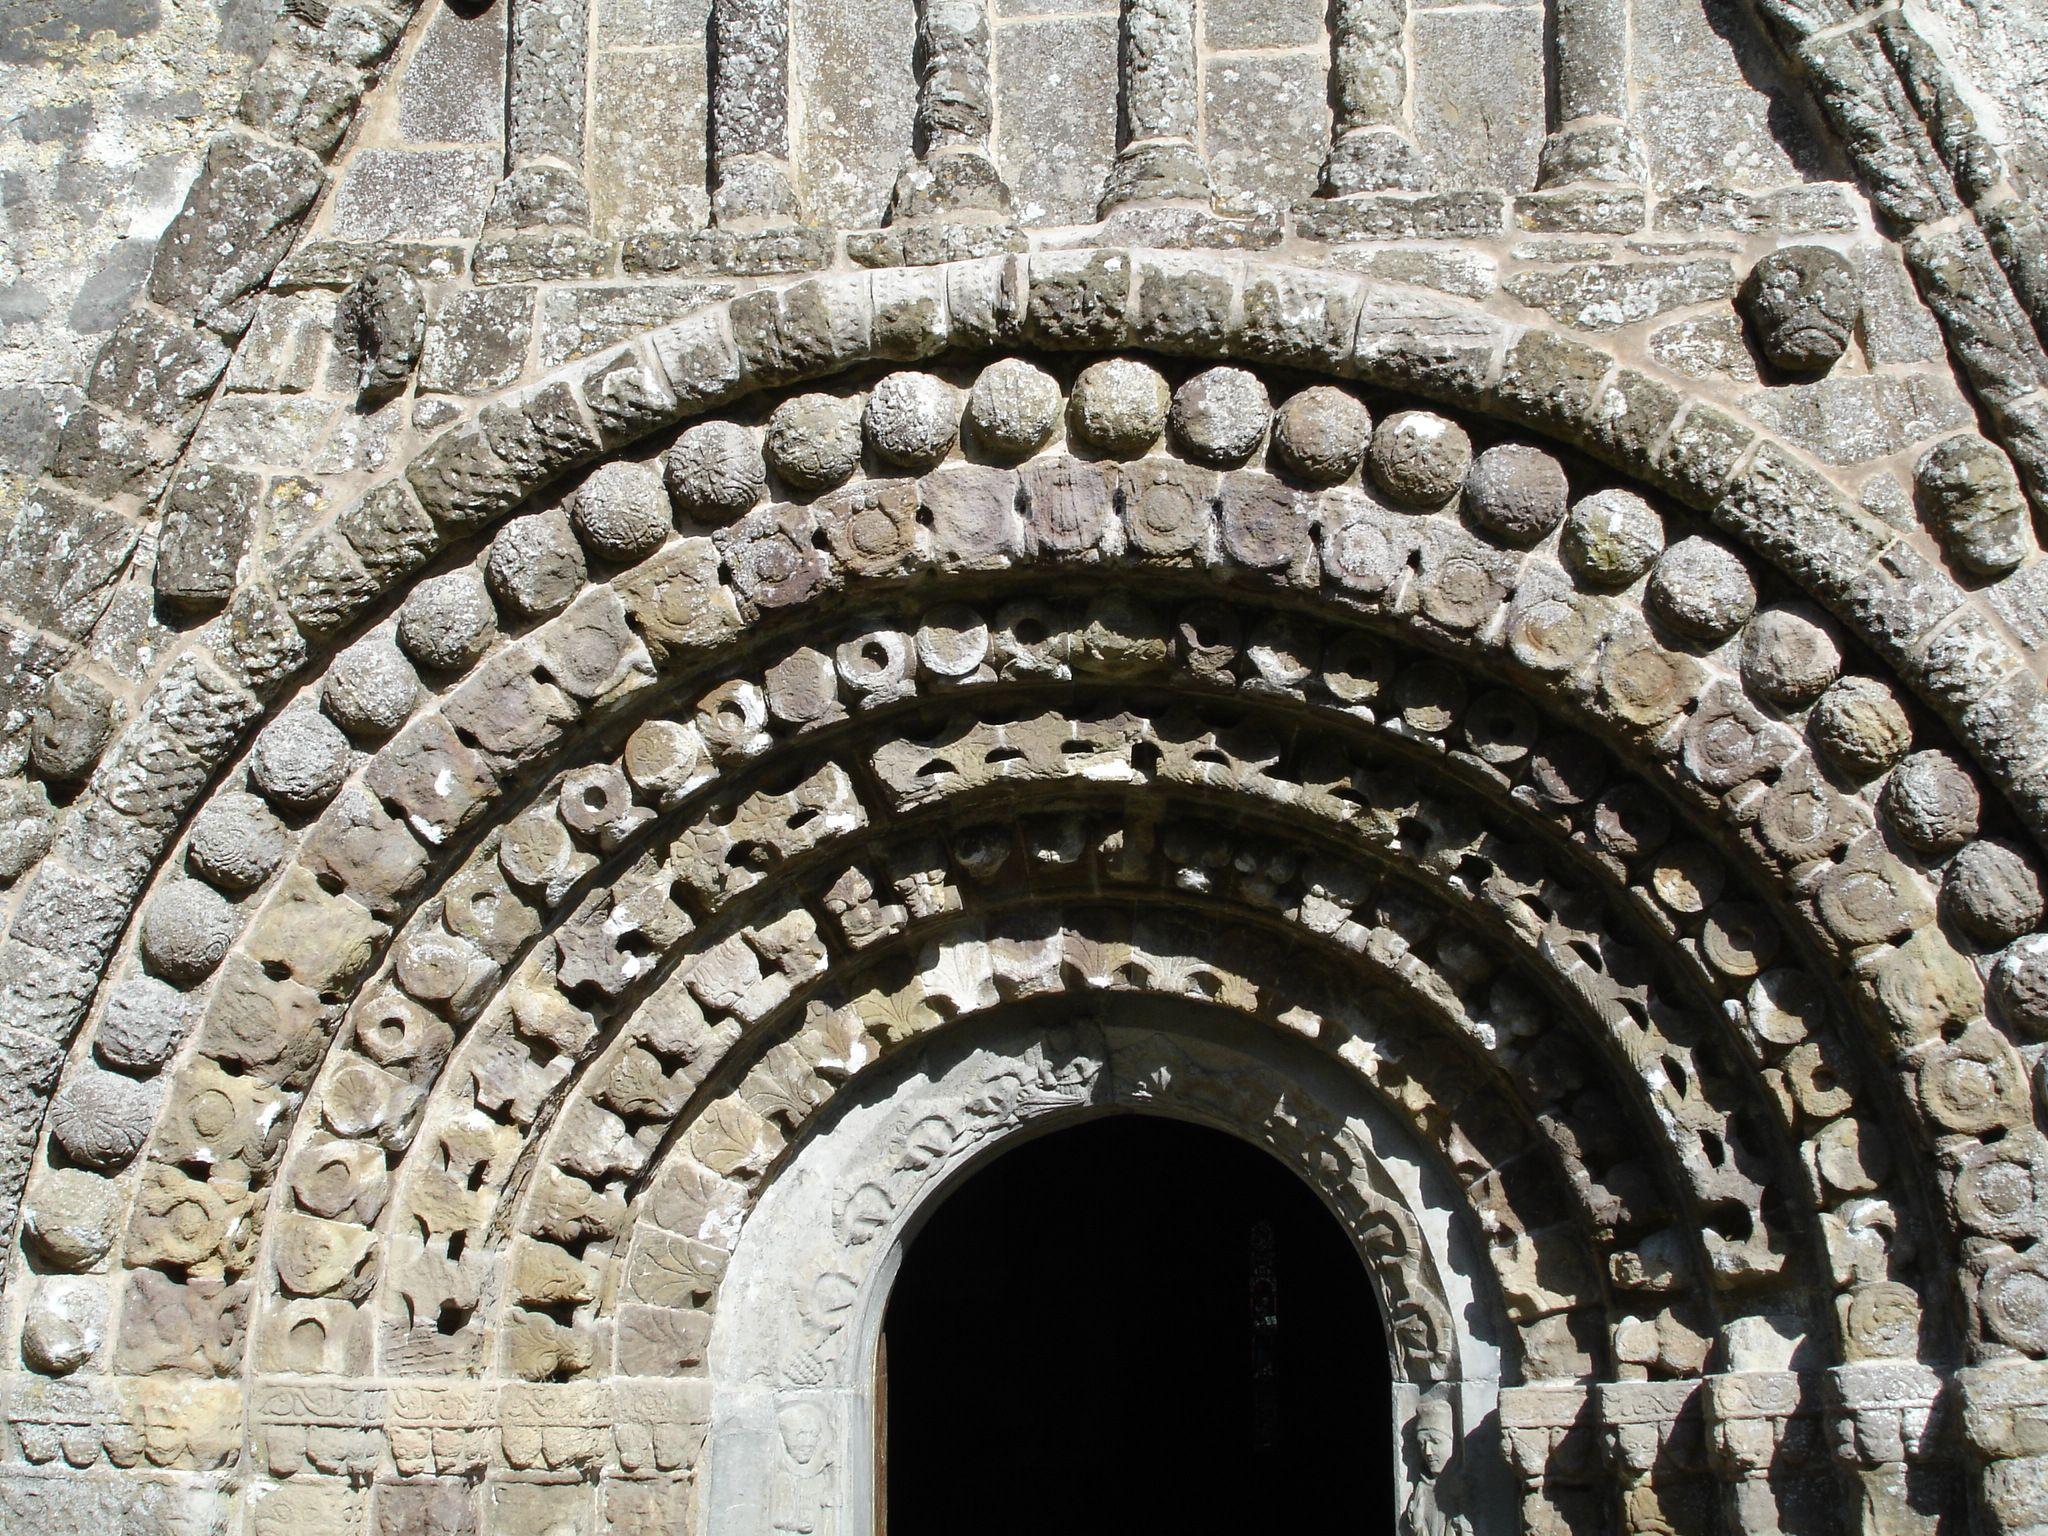 Clonfert Cathedral Ireland File:clonfert Cathedral Portal